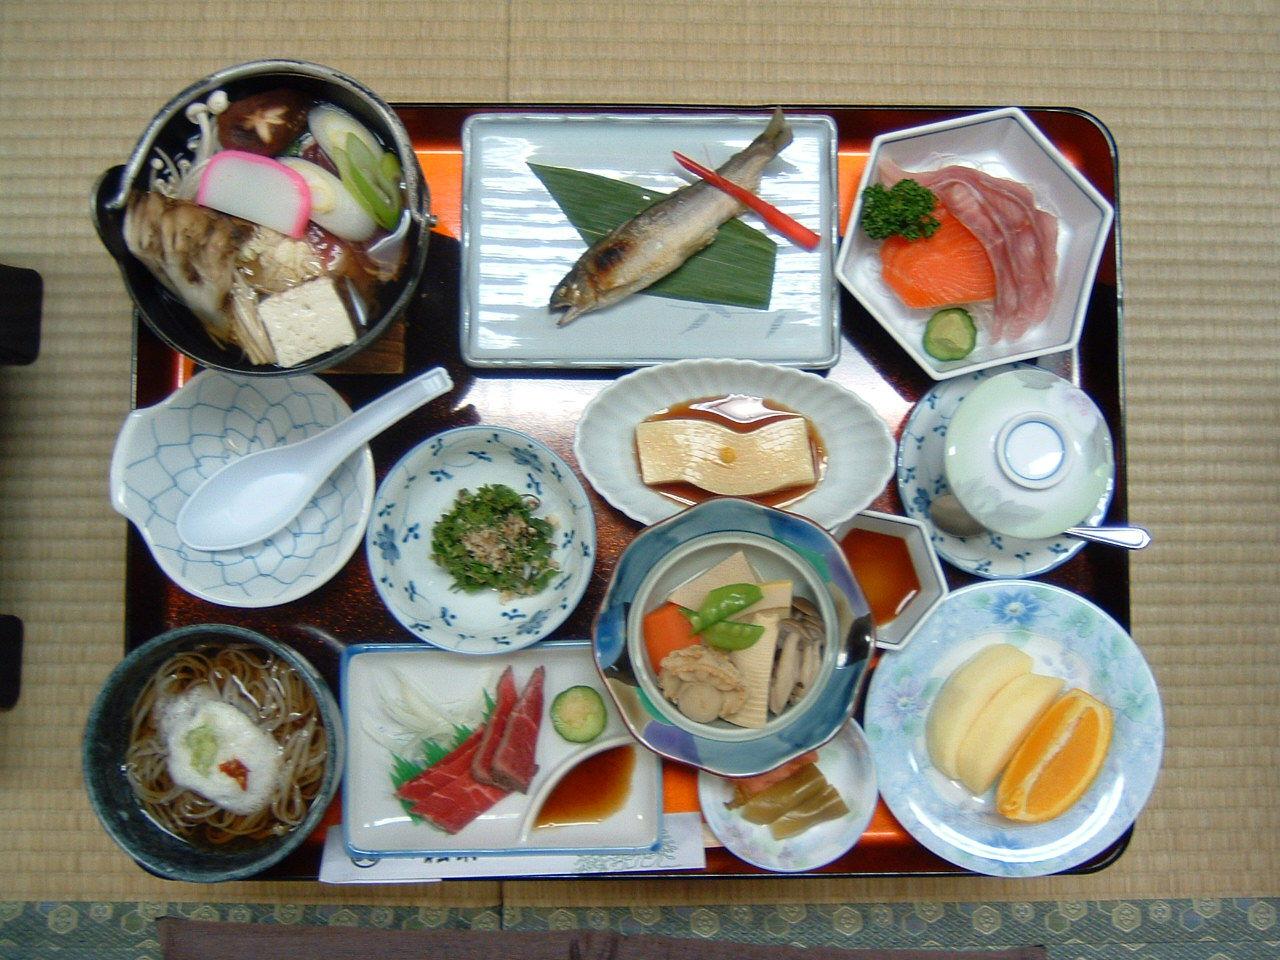 銀山温泉 旅館松本 関連画像 8枚目 楽天トラベル提供